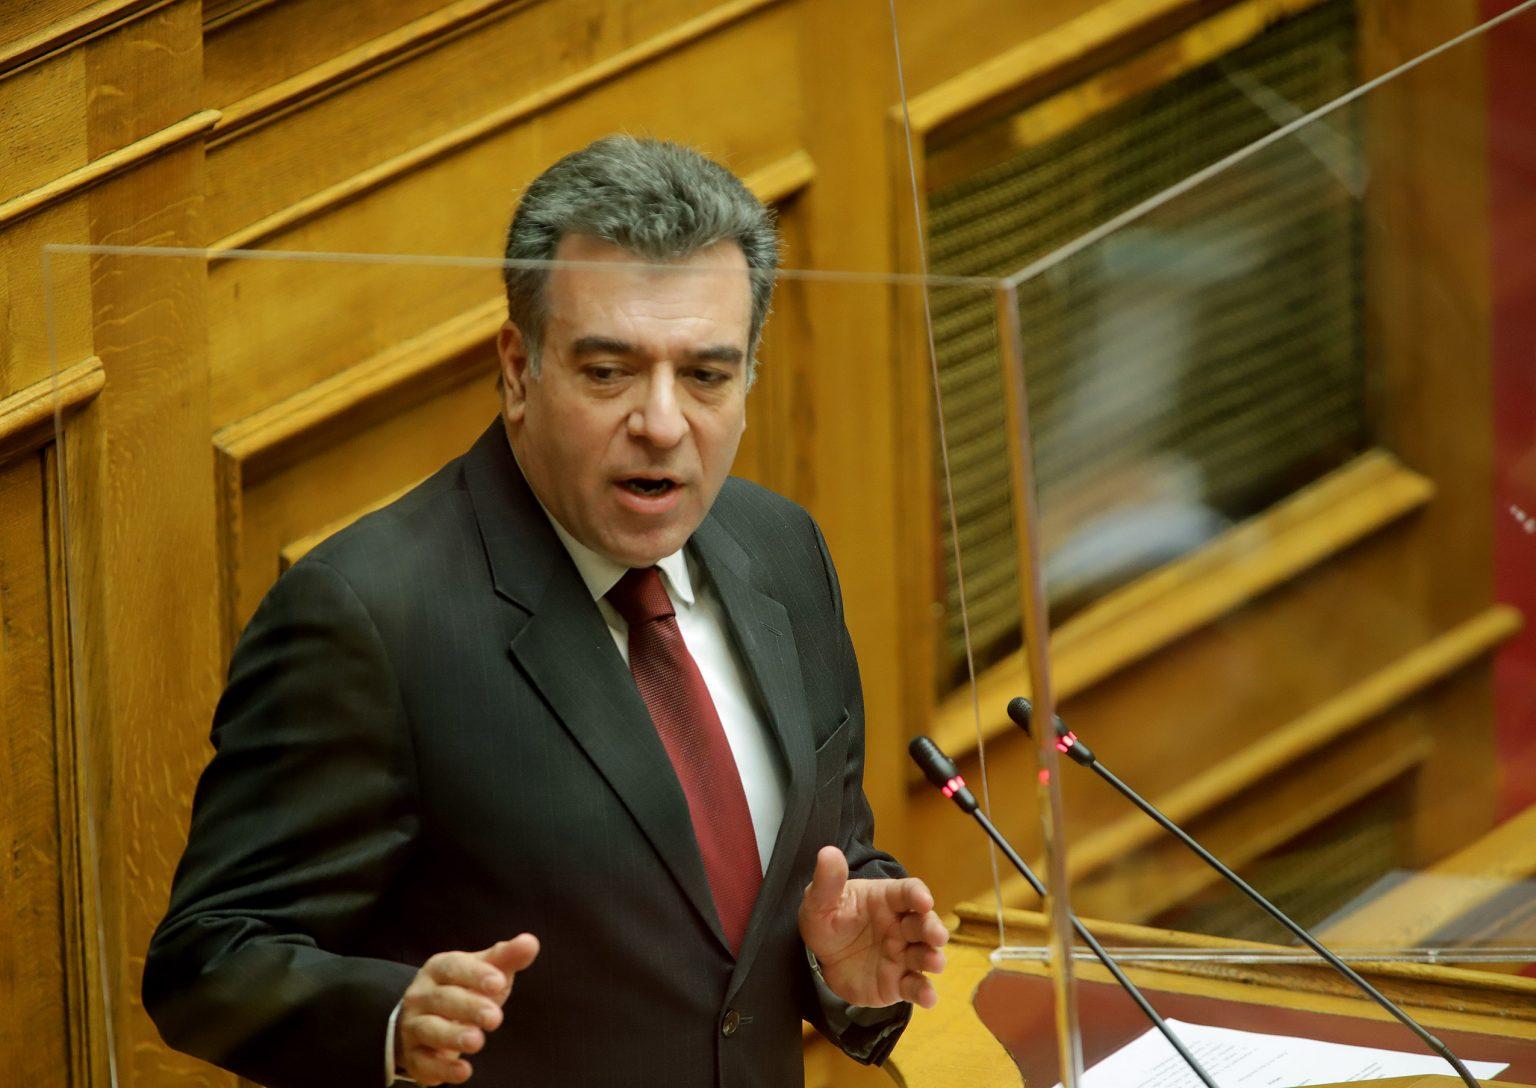 Πρωτοβουλία της Ελλάδας για την κατάπαυση του πυρός - Σε